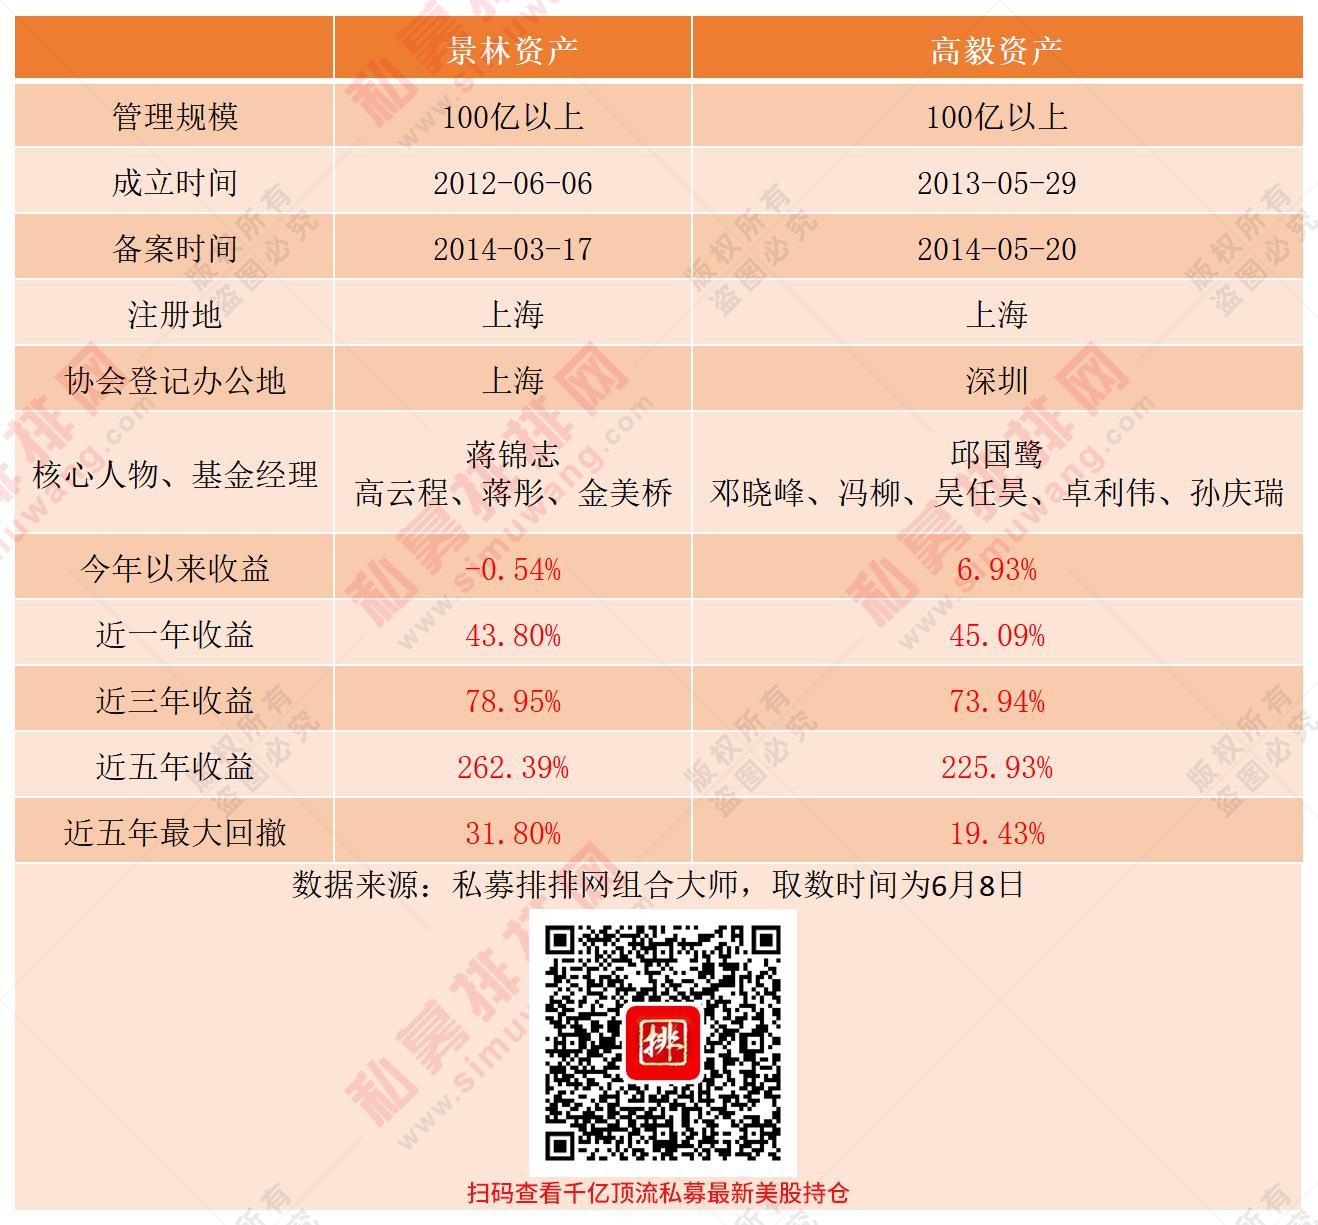 图片1.1 官网.png